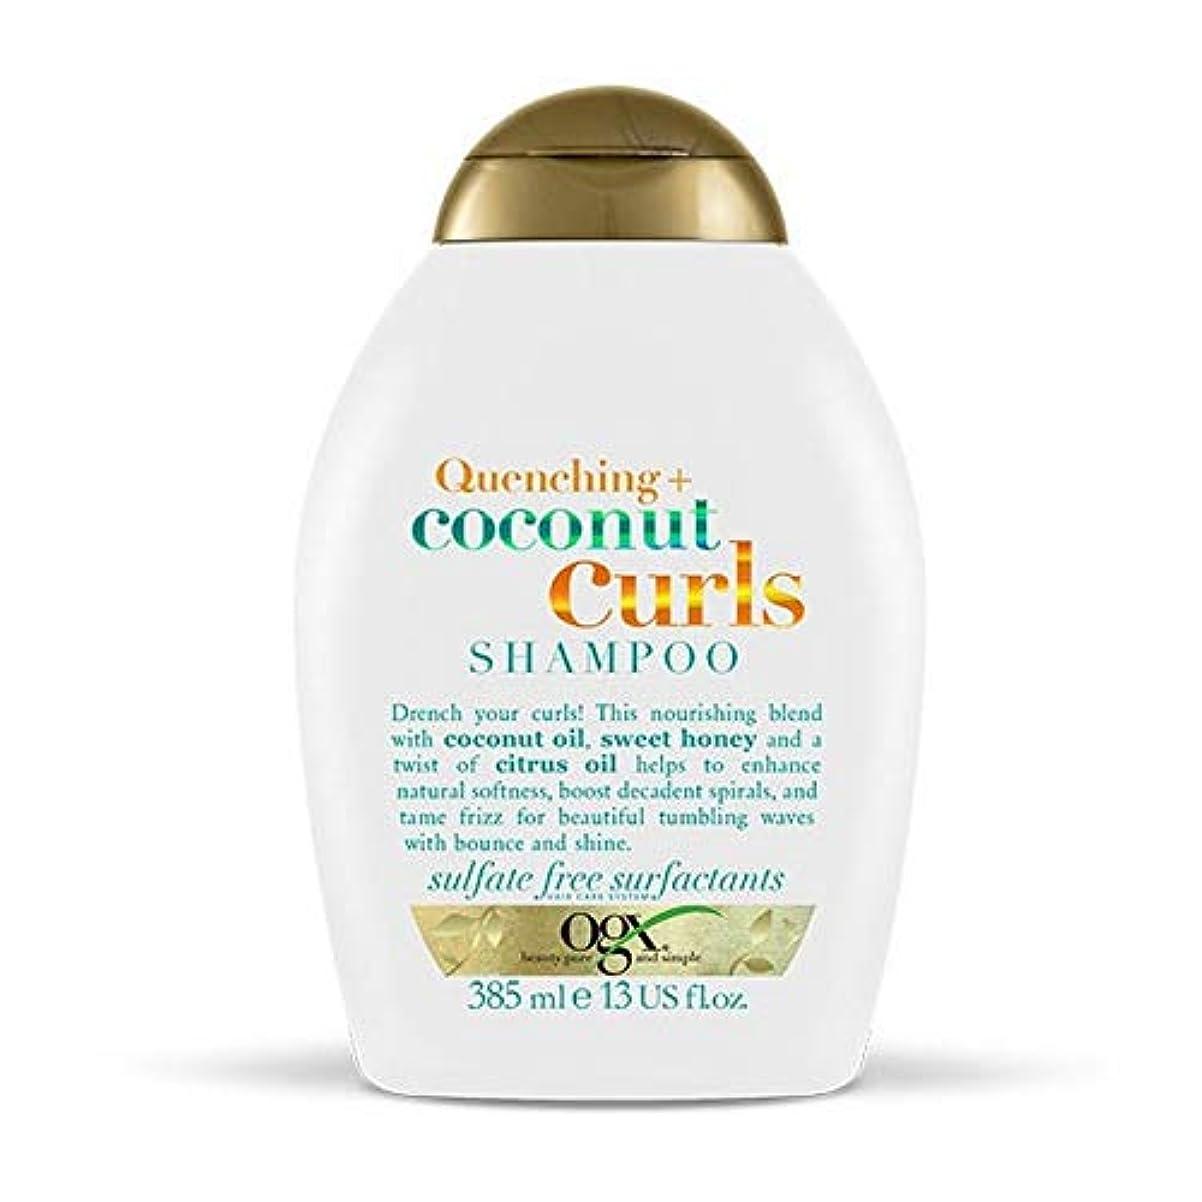 後継泣く機知に富んだ[Ogx] Ogx消光ココナッツカールシャンプー385ミリリットル - OGX Quenching Coconut Curls Shampoo 385ml [並行輸入品]